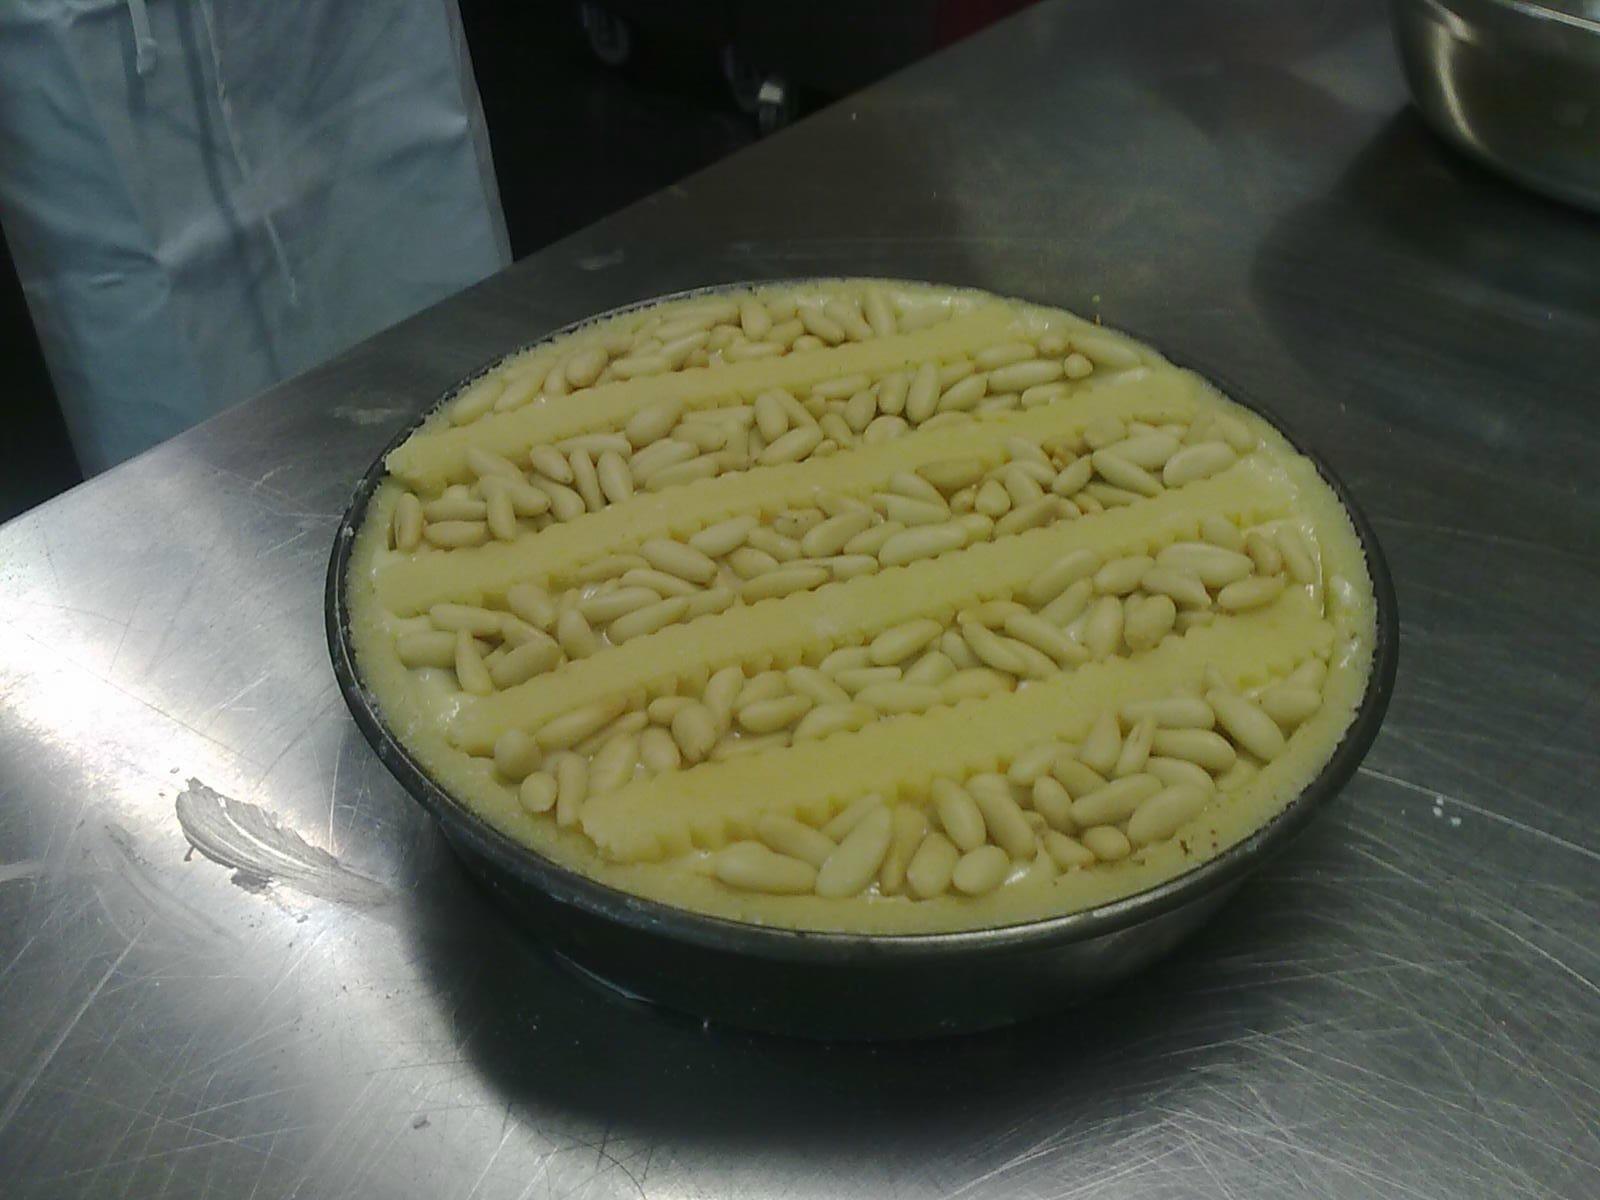 Torte Da Credenza Di Davide Malizia : Acqua e farina sississima ottava lezione di pasticceria le